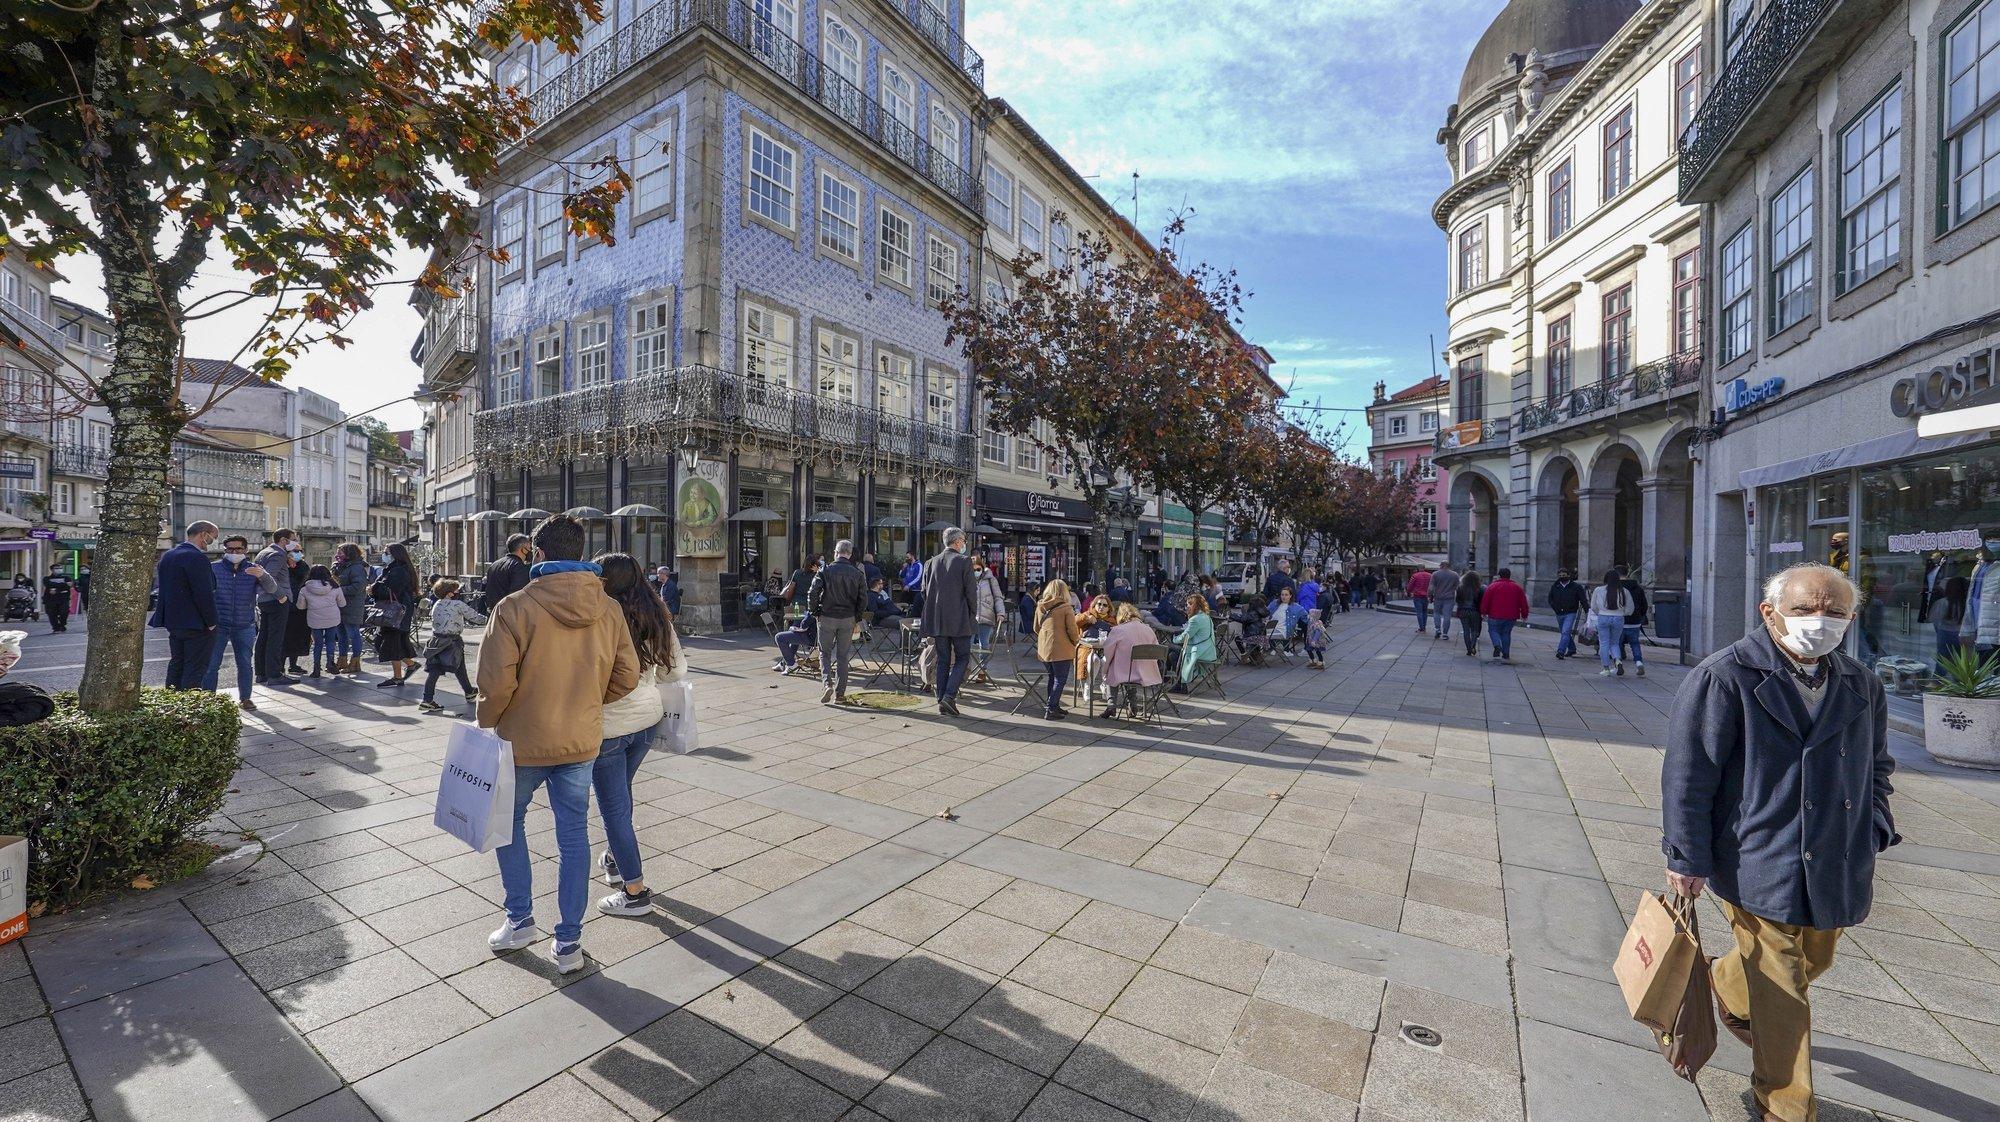 O contraste das principais artérias comerciais da cidade de Braga uma hora antes e uma hora depois do recolher obrigatório do estado de emergência, no âmbito das medidas de contenção da covid-19, em Braga, 28 de novembro de 2020. Com 213 concelhos em risco em Portugal, o Conselho de Ministros decretou, durante este e o próximo fim-de-semana, a proibição de circulação interconcelhia, bem como o confinamento obrigatório para toda a população destes concelhos a partir das 13h. HUGO DELGADO/LUSA